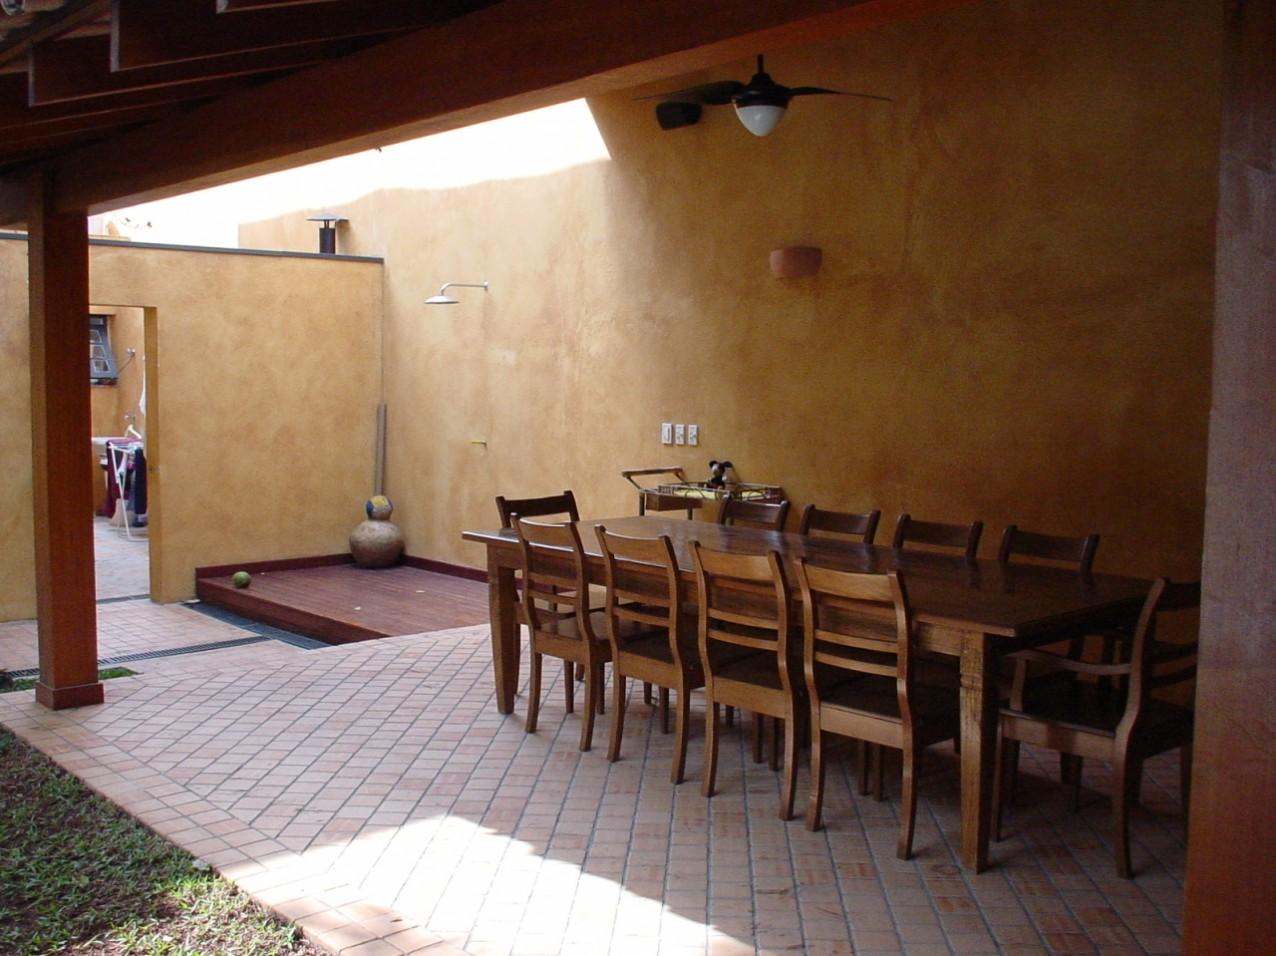 Obra residencial Pinheiros II - Salão de jantar